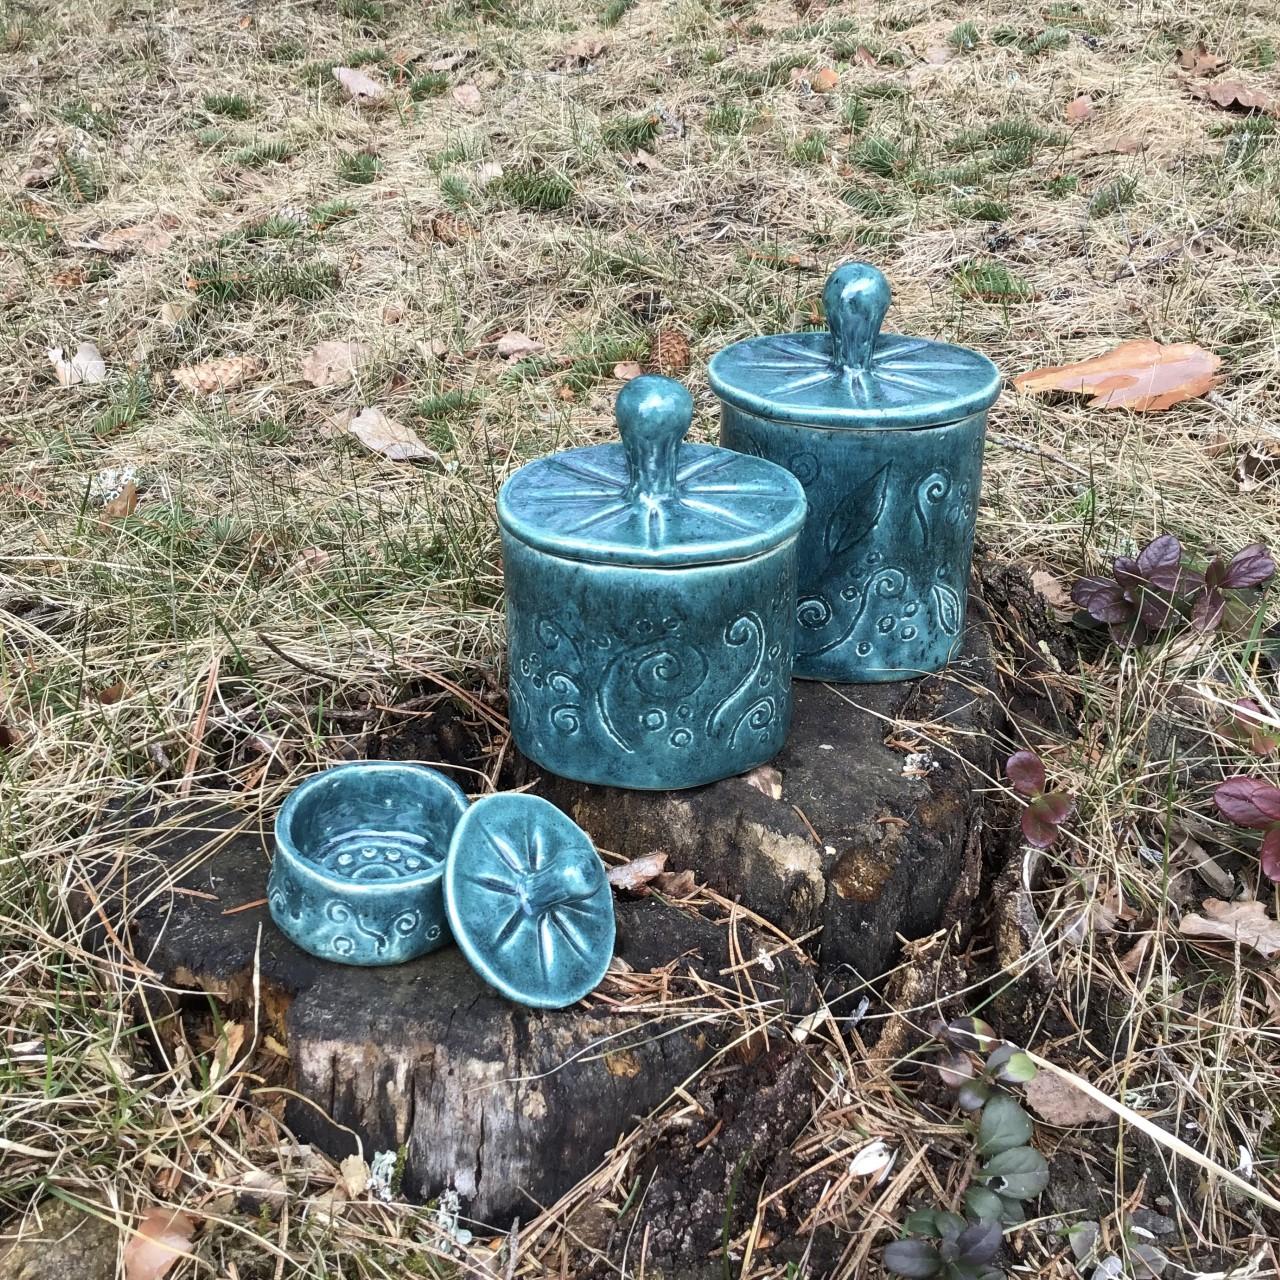 Tre keramikburkar i olika storlekar med lock. Ristat mönster med spiraler och blad samt en glasyr i blågrön nyans.